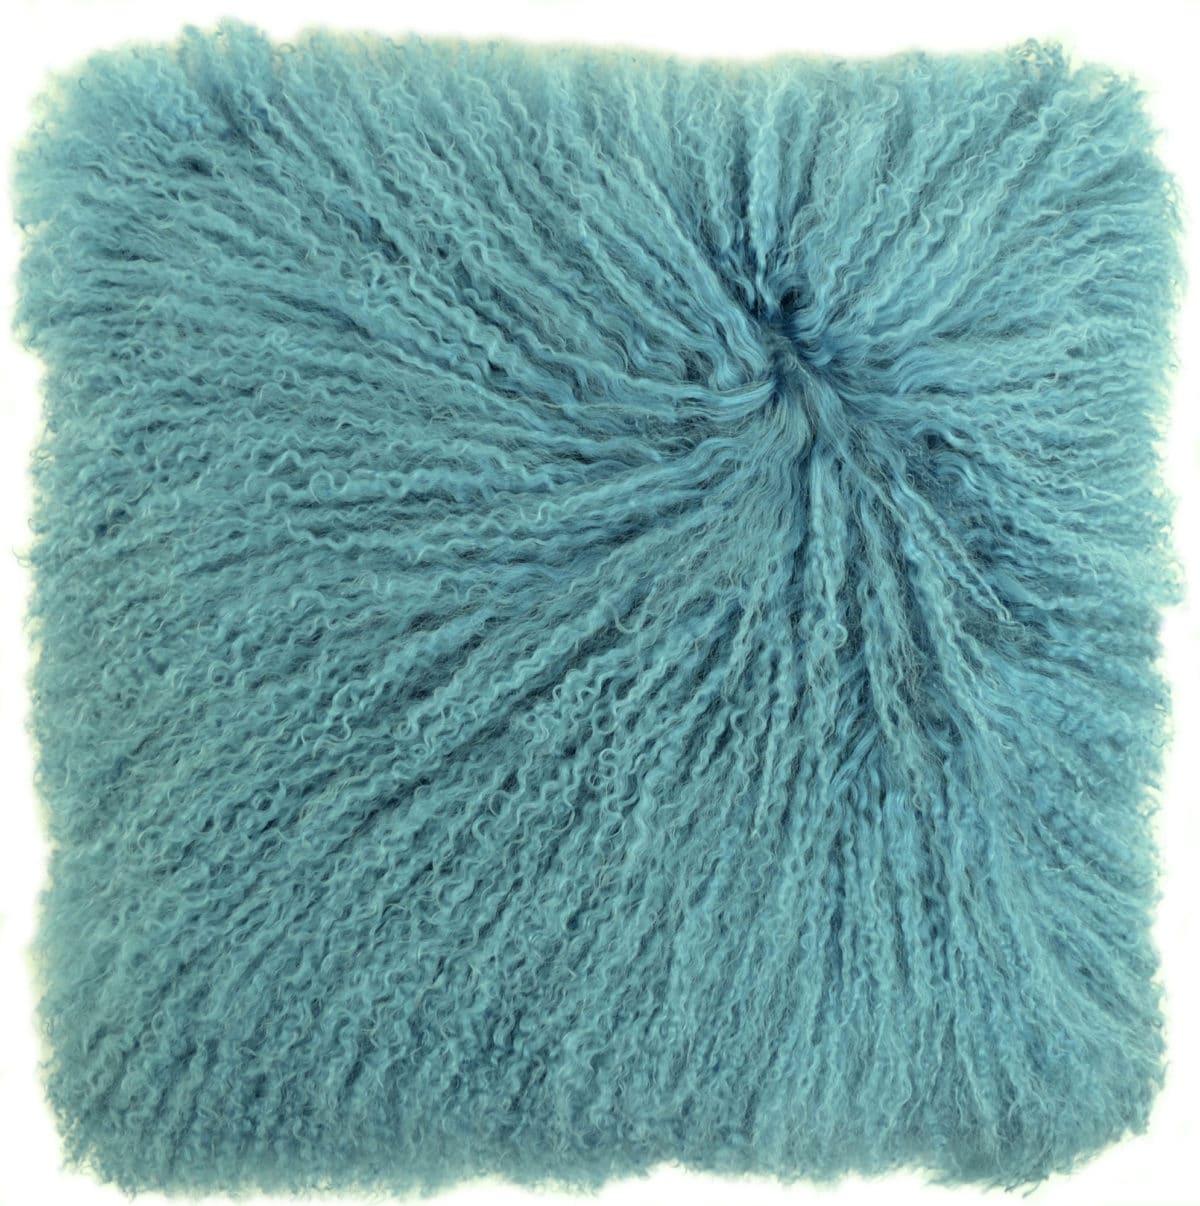 Snugrugs Mongolian Sheepskin Cushion 40cm x 40cm – Aqua Blue